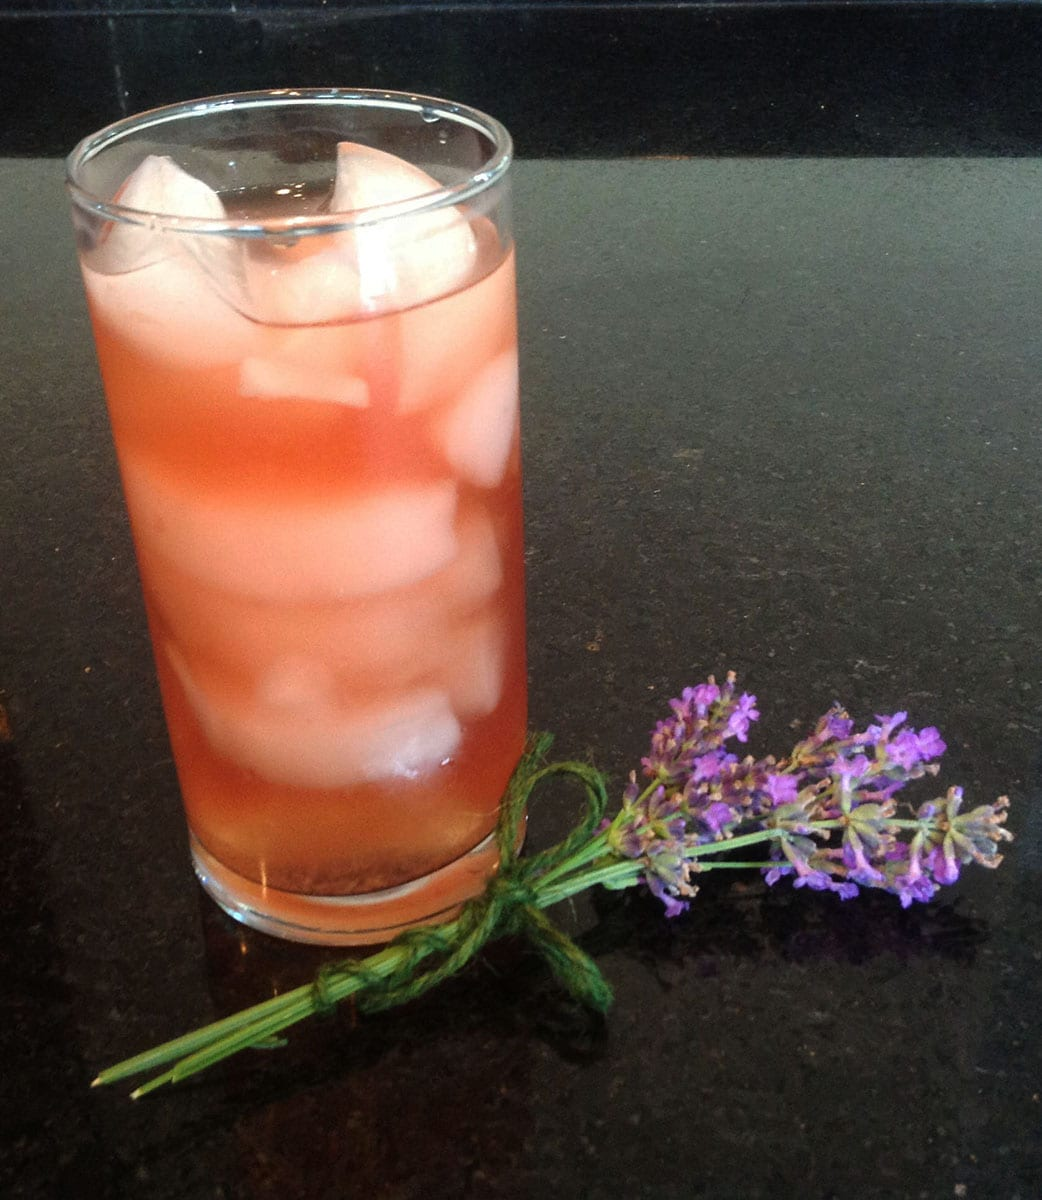 lemon_lavendar_tea_1042_x_1200